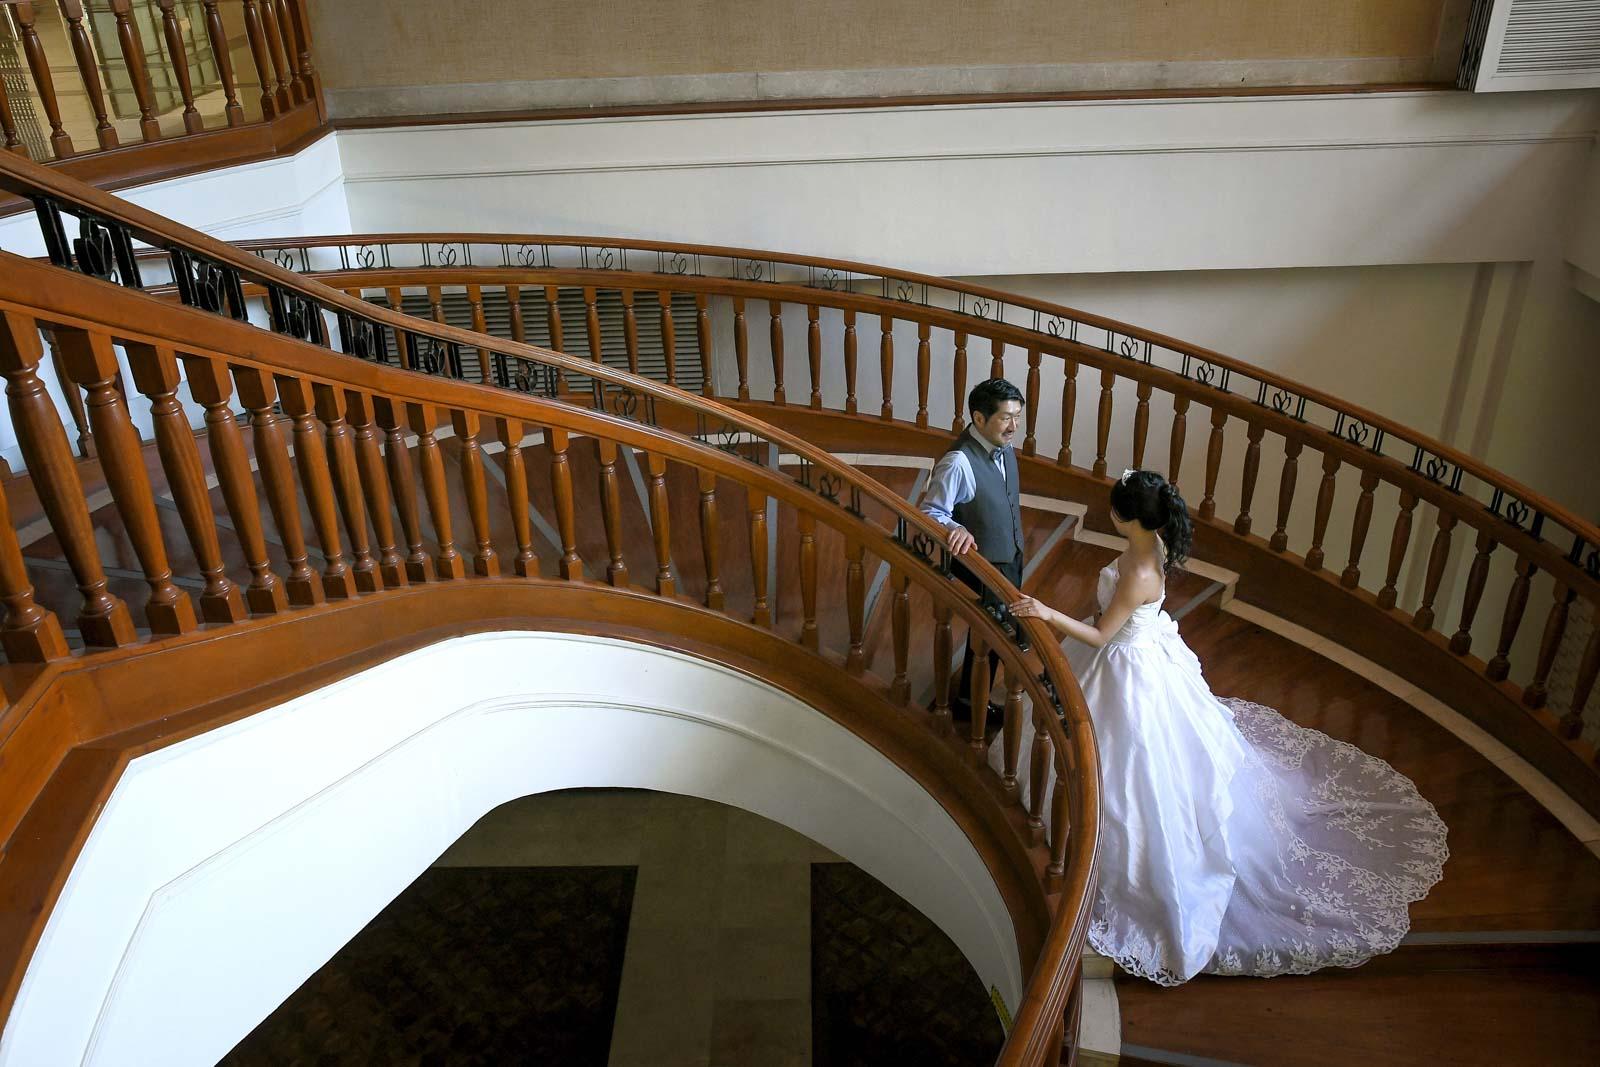 ホテルの螺旋階段で撮影